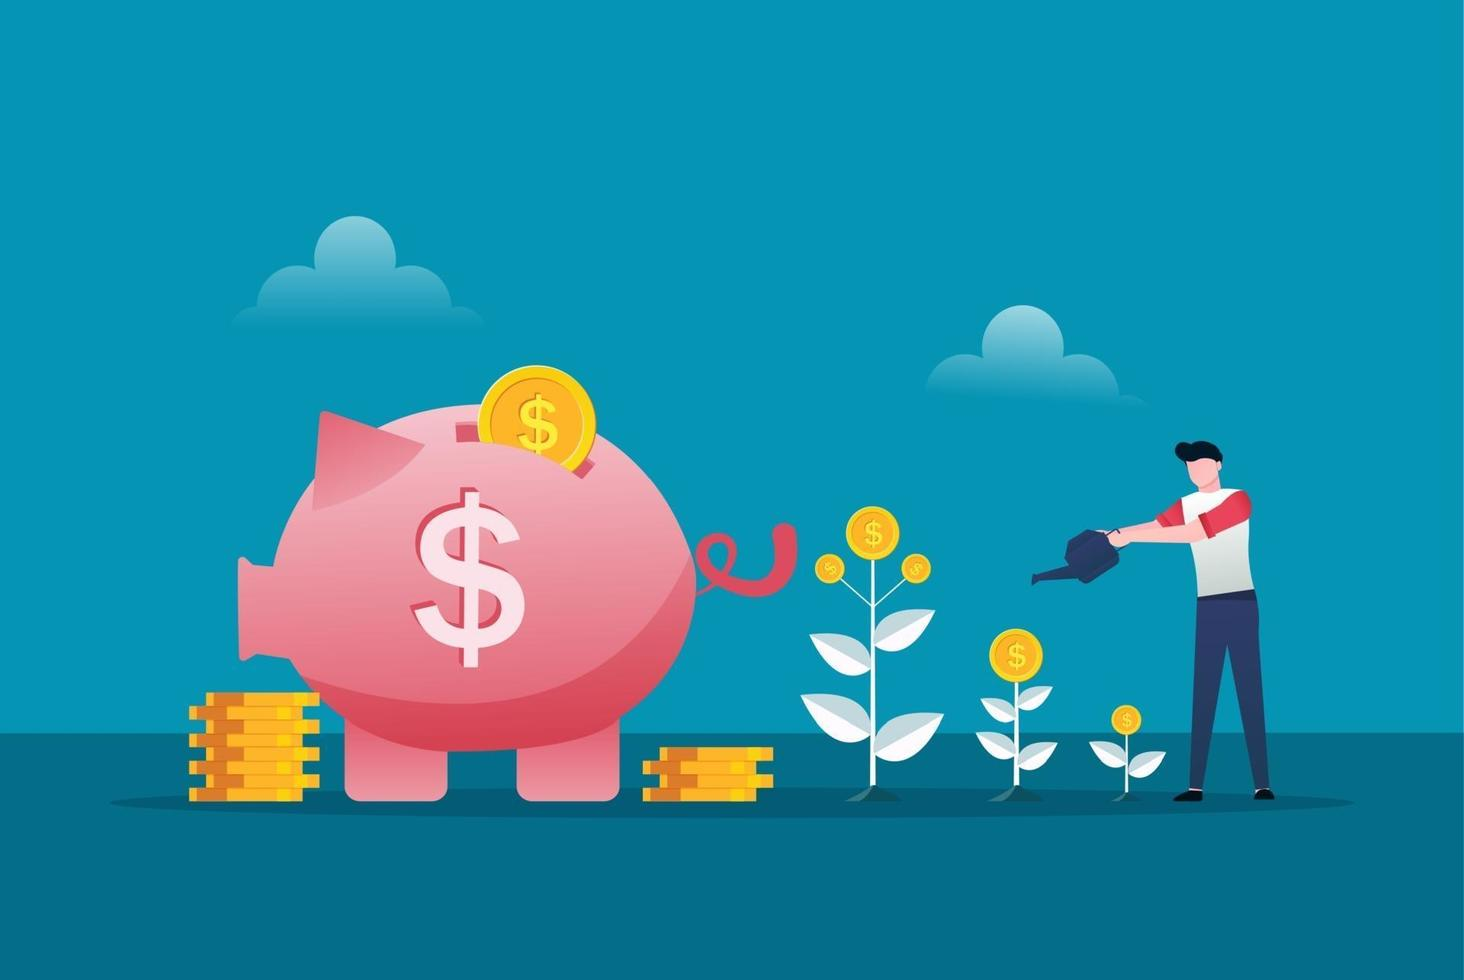 homme d'affaires arrose l'arbre d'argent grandir. croissance des bénéfices financiers et illustration vectorielle d'investissement intelligent. retour sur investissement avec symbole tirelire vecteur